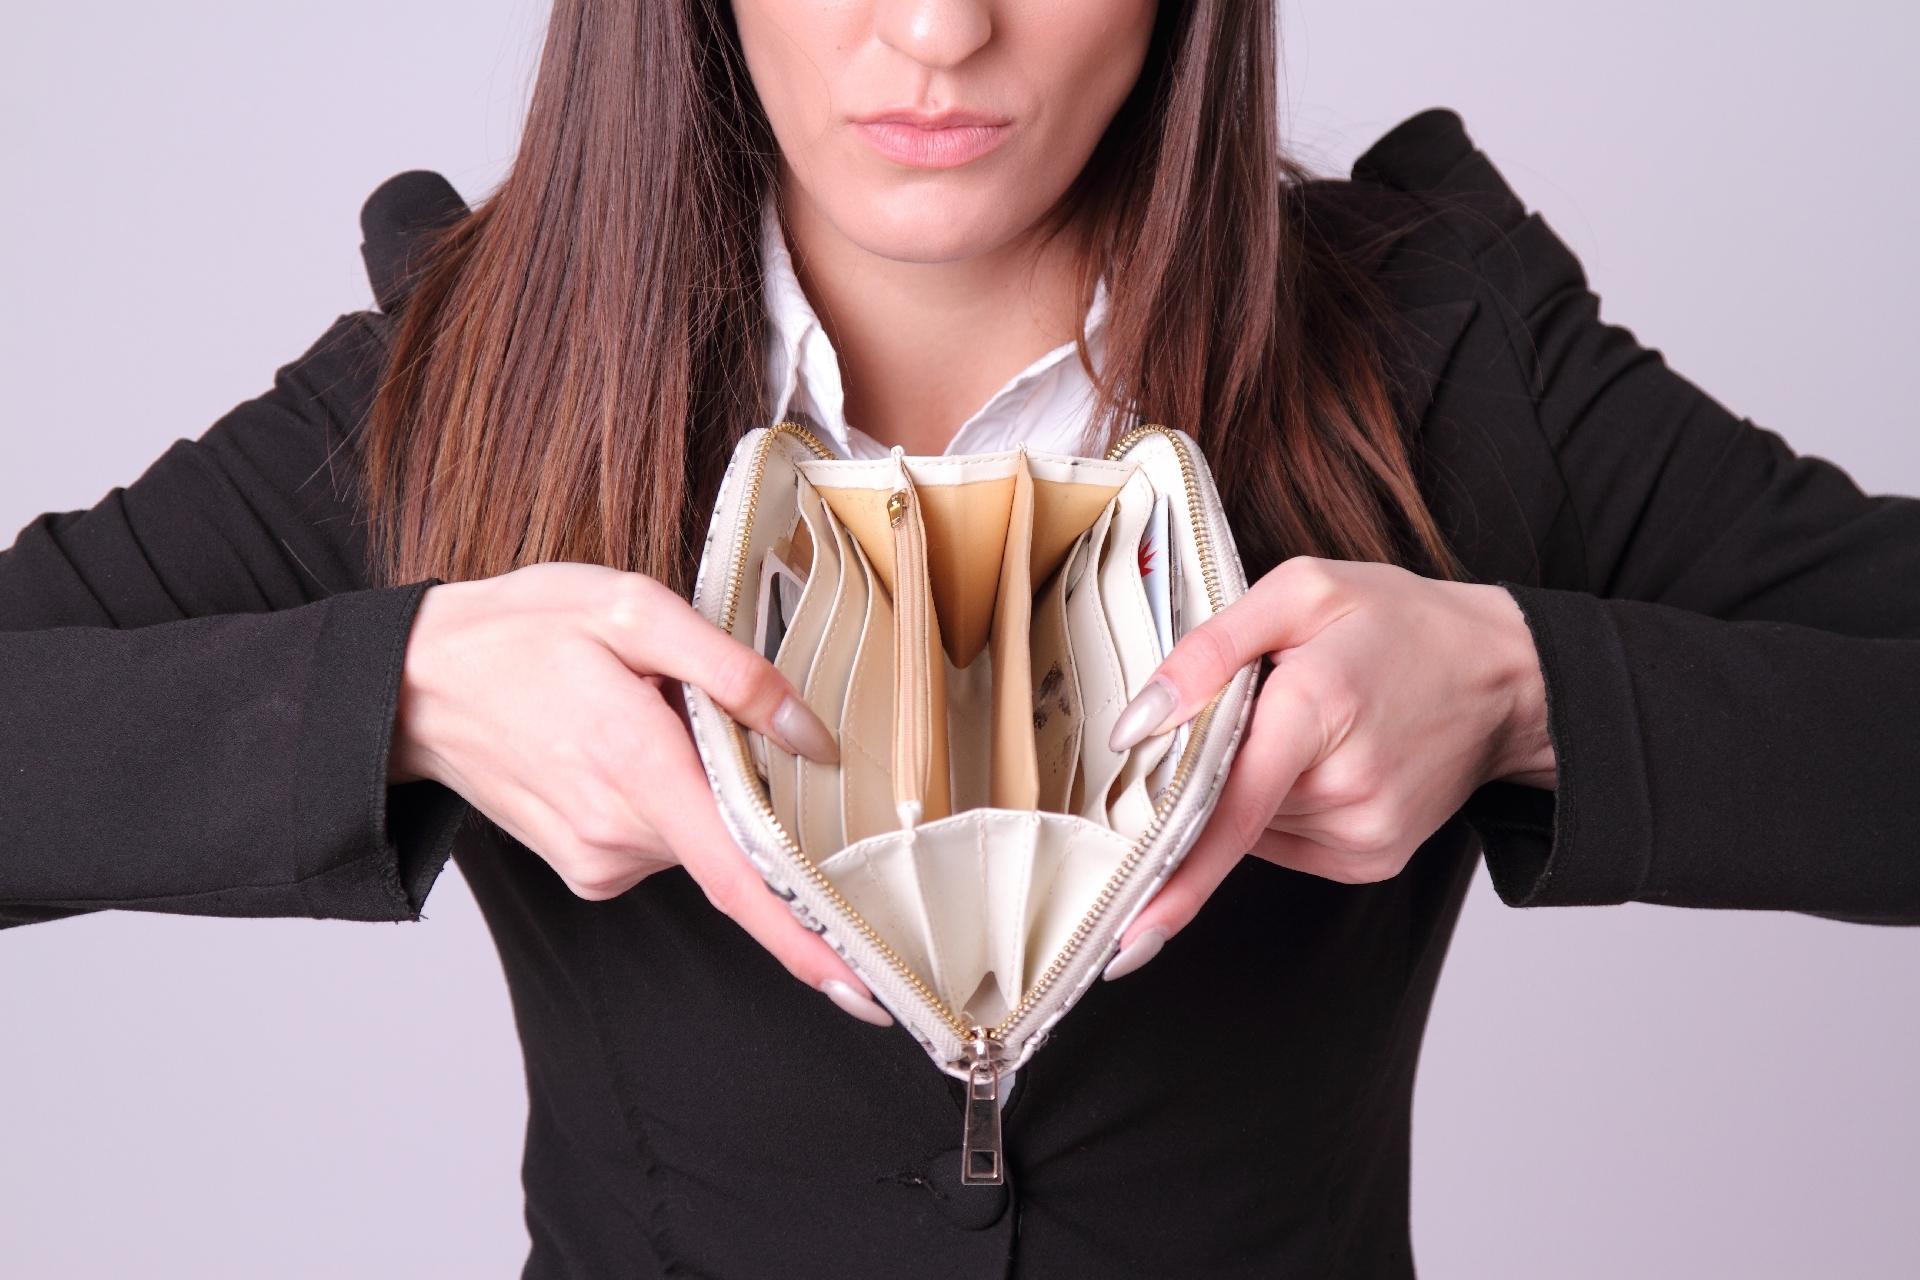 転職面接で「あなたの希望給与額は?」と聞かれたら、どう答えるべきか